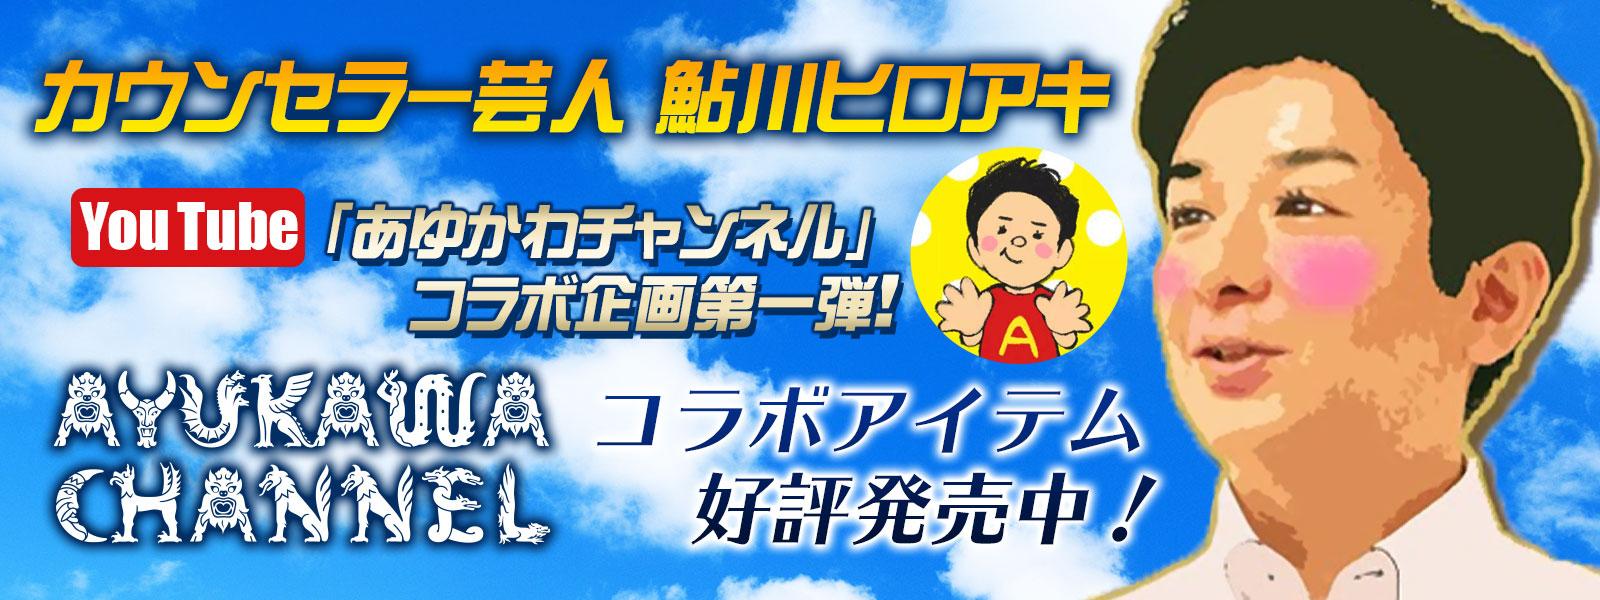 あゆ かわ チャンネル 鮎釣りステーション - kiddy.co.jp